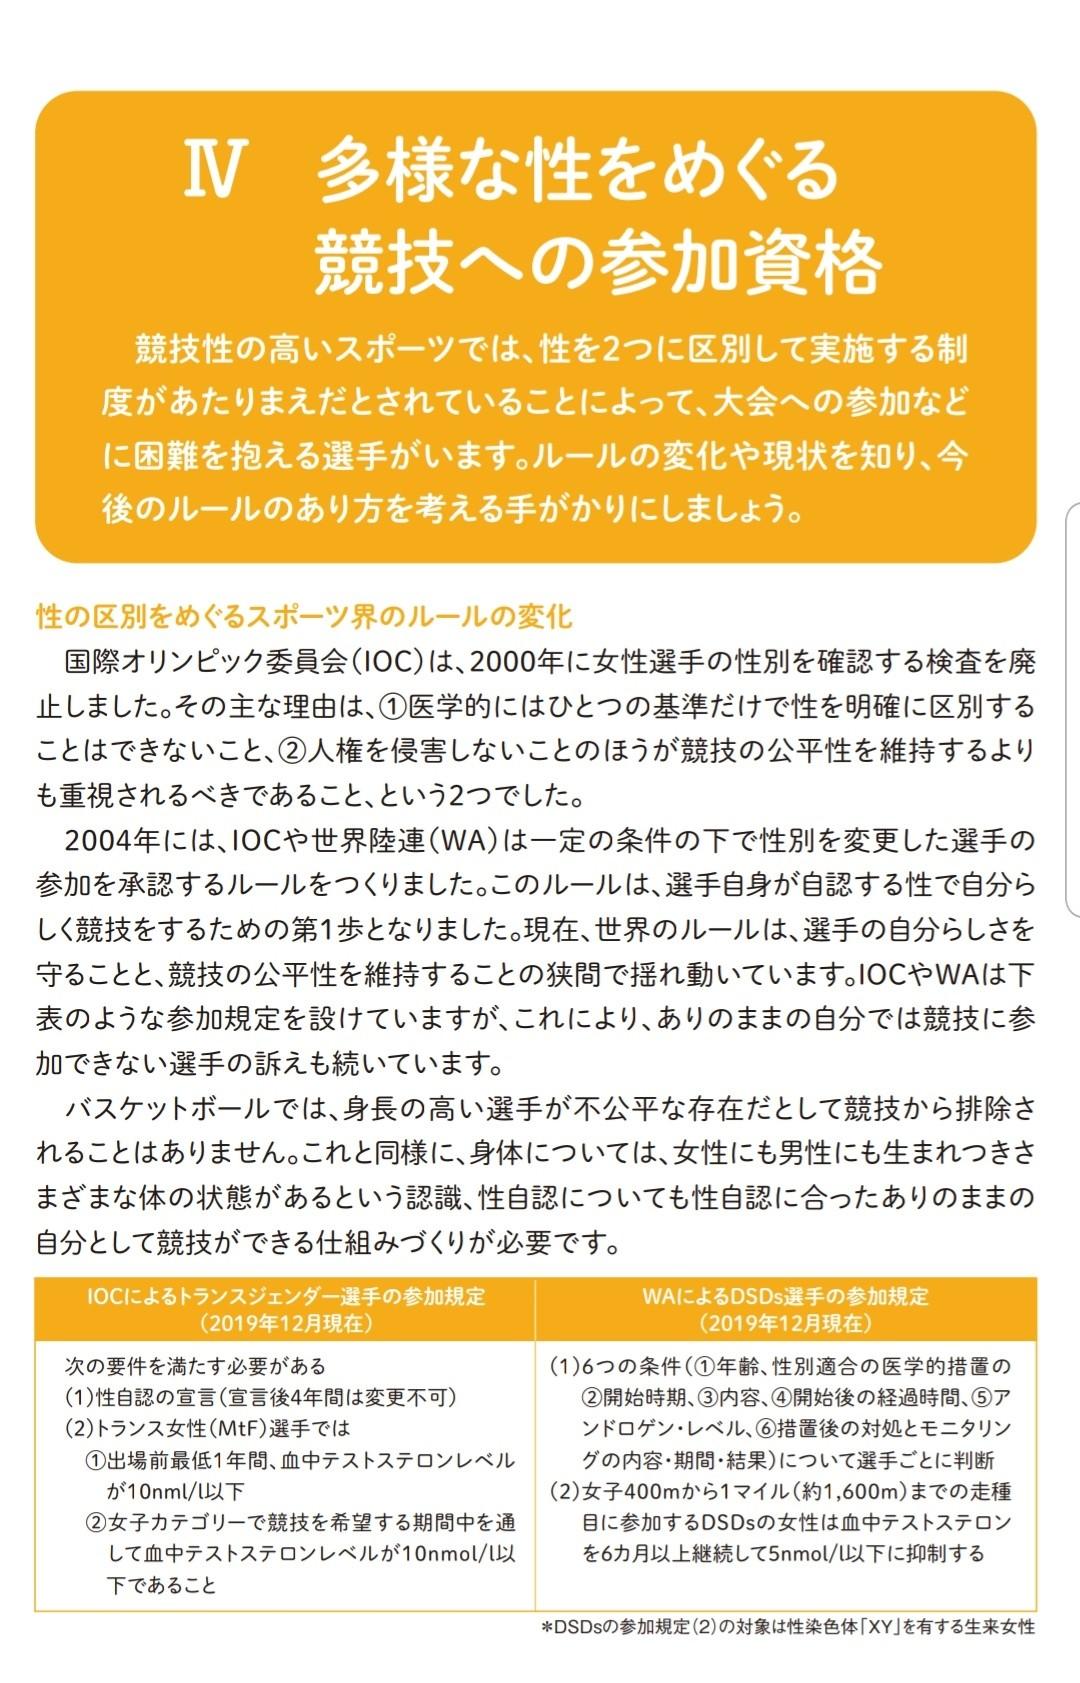 f:id:rihoko_2020:20201226170511j:image